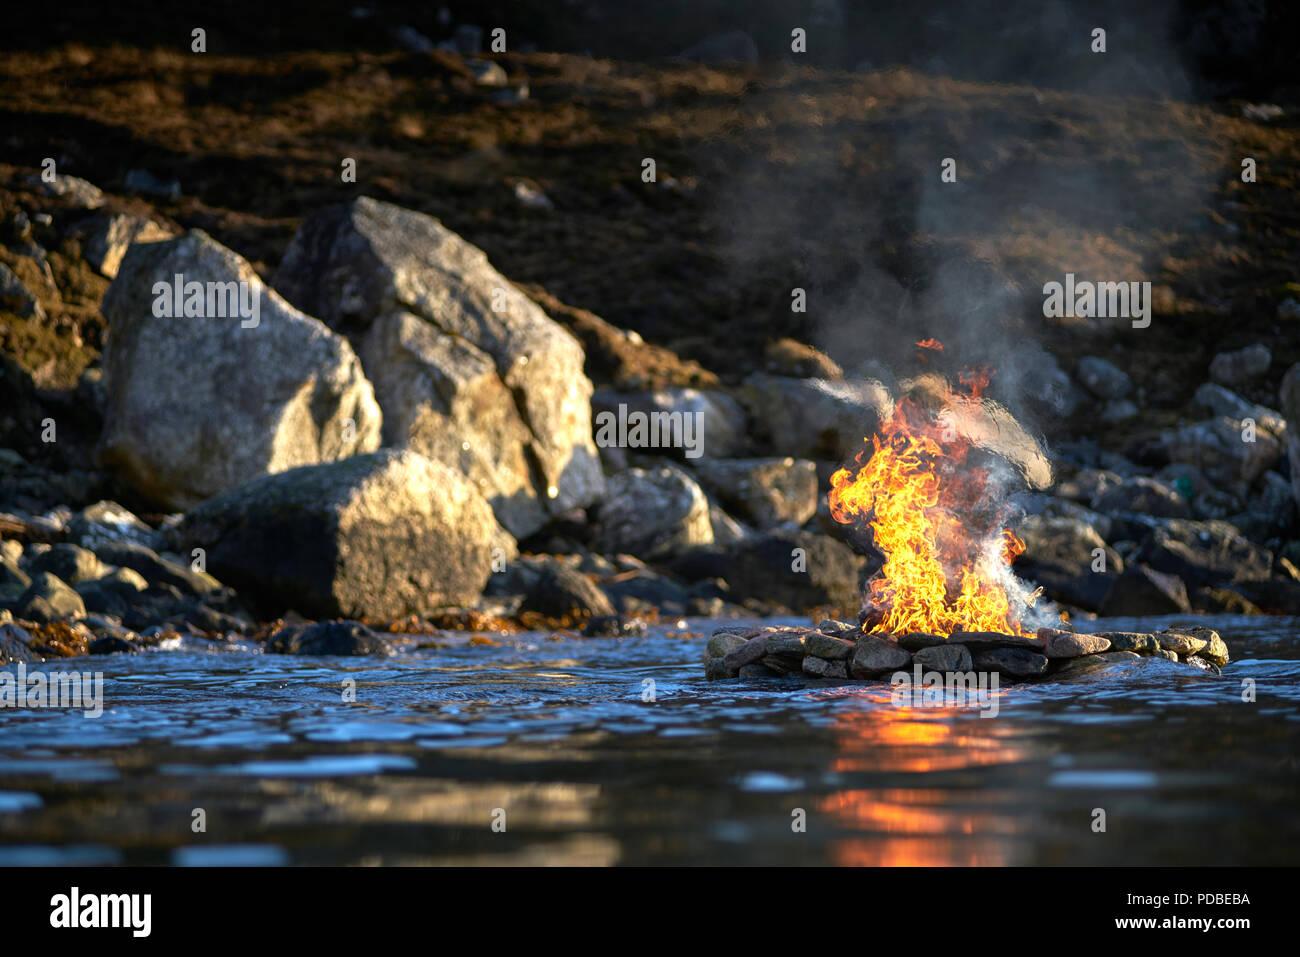 Por Firestack artista Julie Brook.costa oeste de la isla de Lewis. Escocia. Escultura Elemental de Piedra hueca mojón con fuego encendido en una marea entrante Imagen De Stock